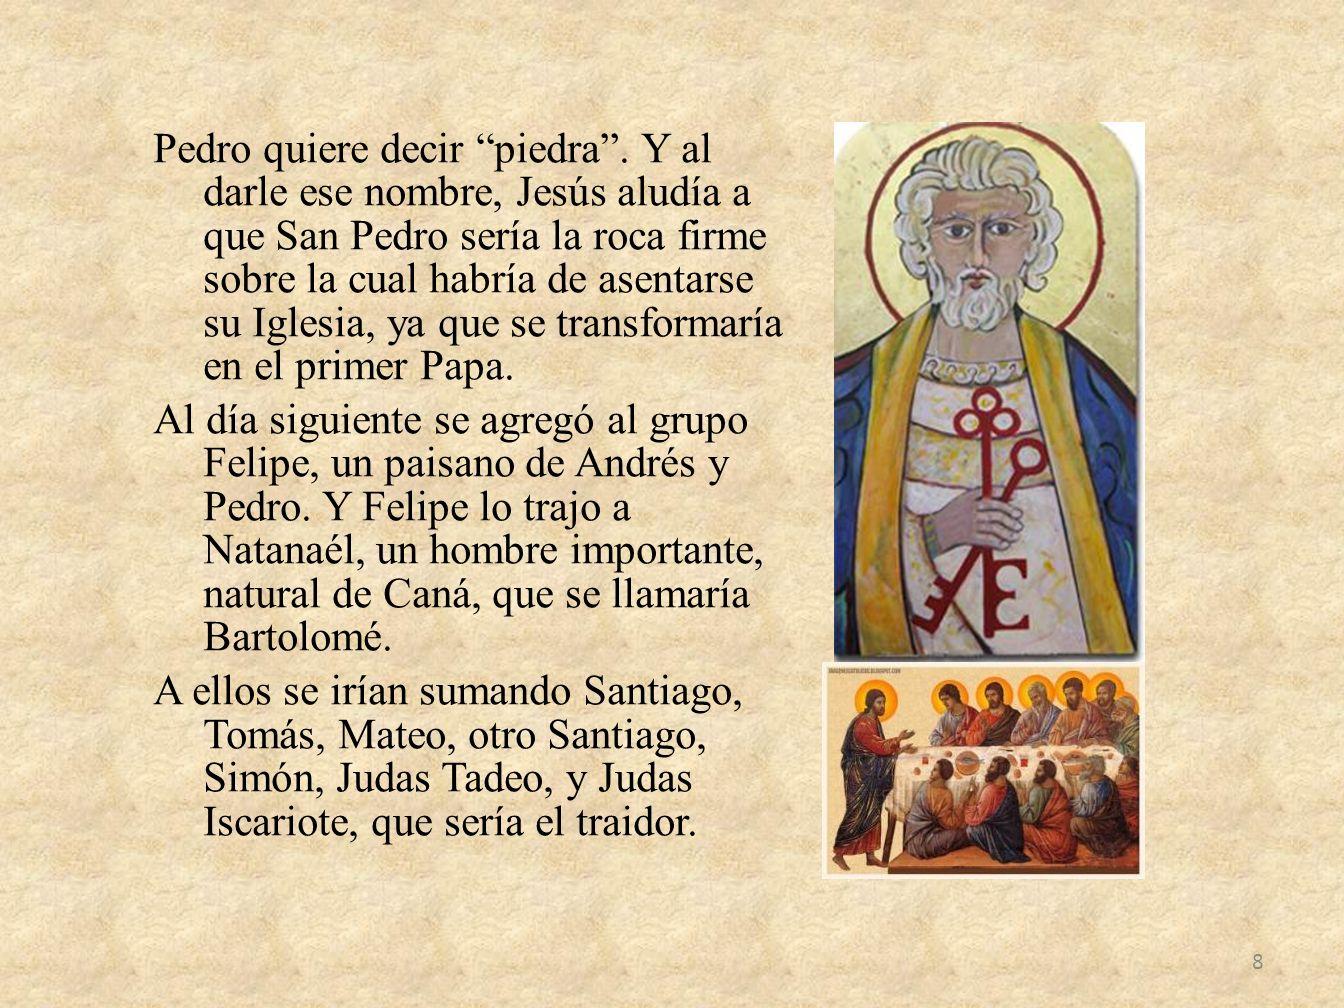 Pedro quiere decir piedra. Y al darle ese nombre, Jesús aludía a que San Pedro sería la roca firme sobre la cual habría de asentarse su Iglesia, ya qu